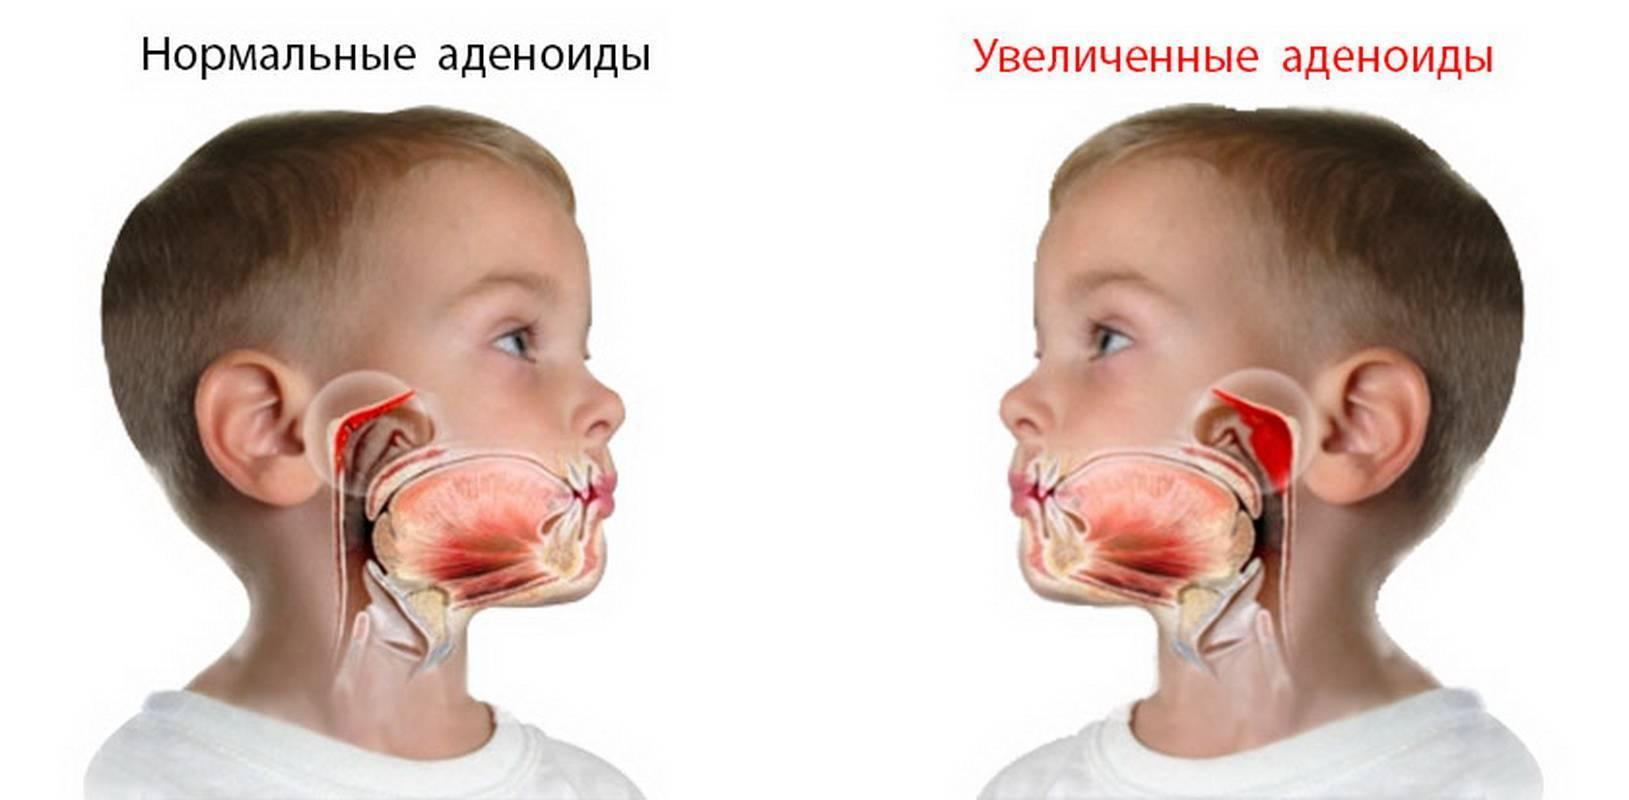 Аденоиды у детей – всегда ли их нужно удалять?